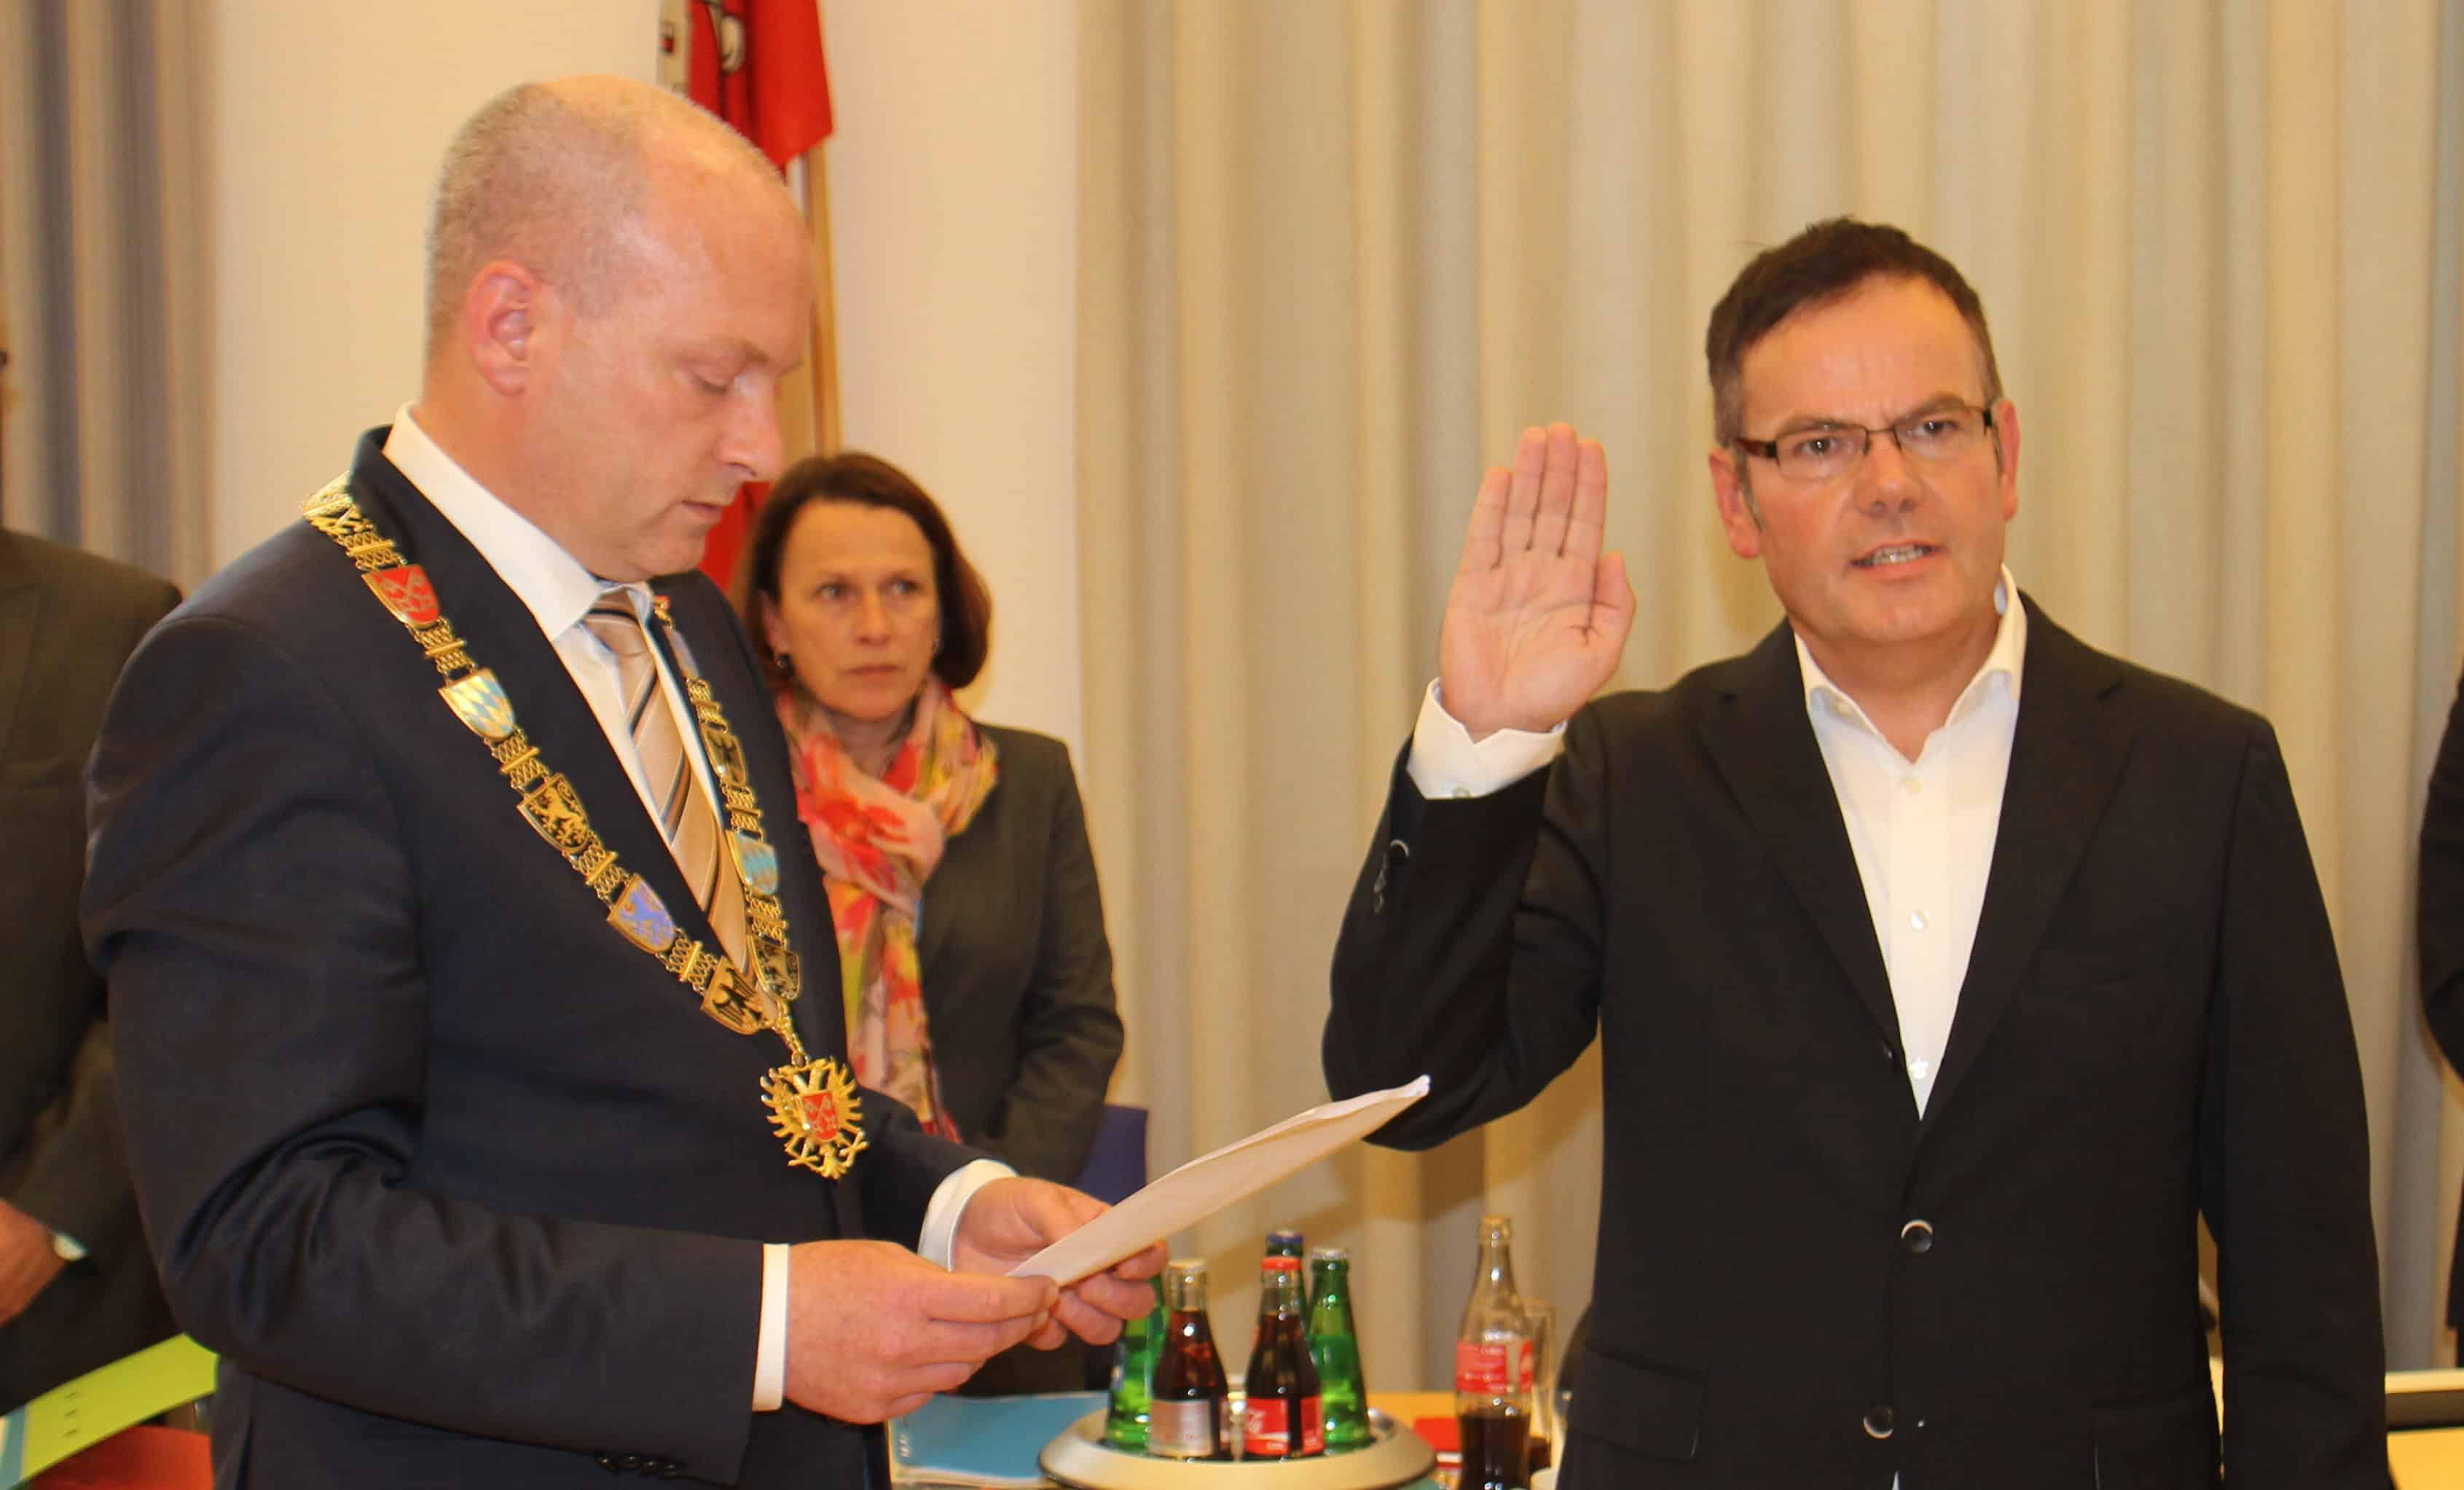 Im Blizz spricht CSB-Stadtrat Christian Janele über die Wohnungspolitik, den ÖPNV und die Zukunft von Regensburg